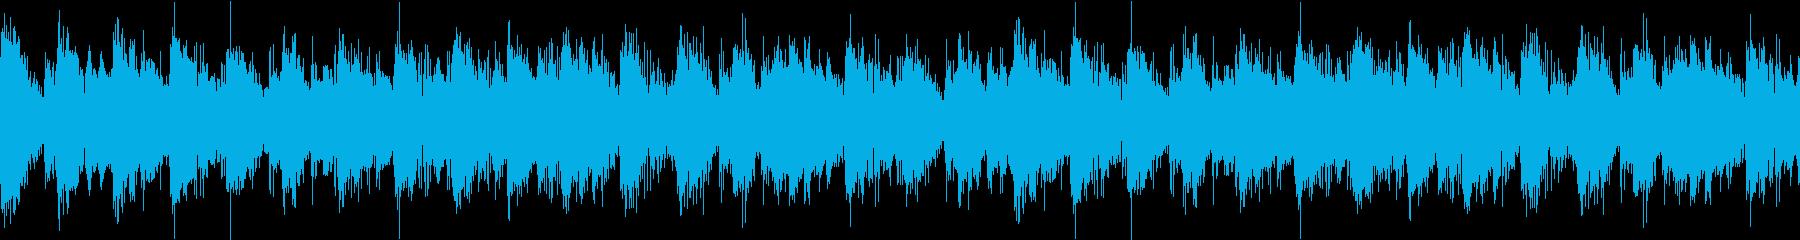 【ループB】シリアスでクールなテクノの再生済みの波形